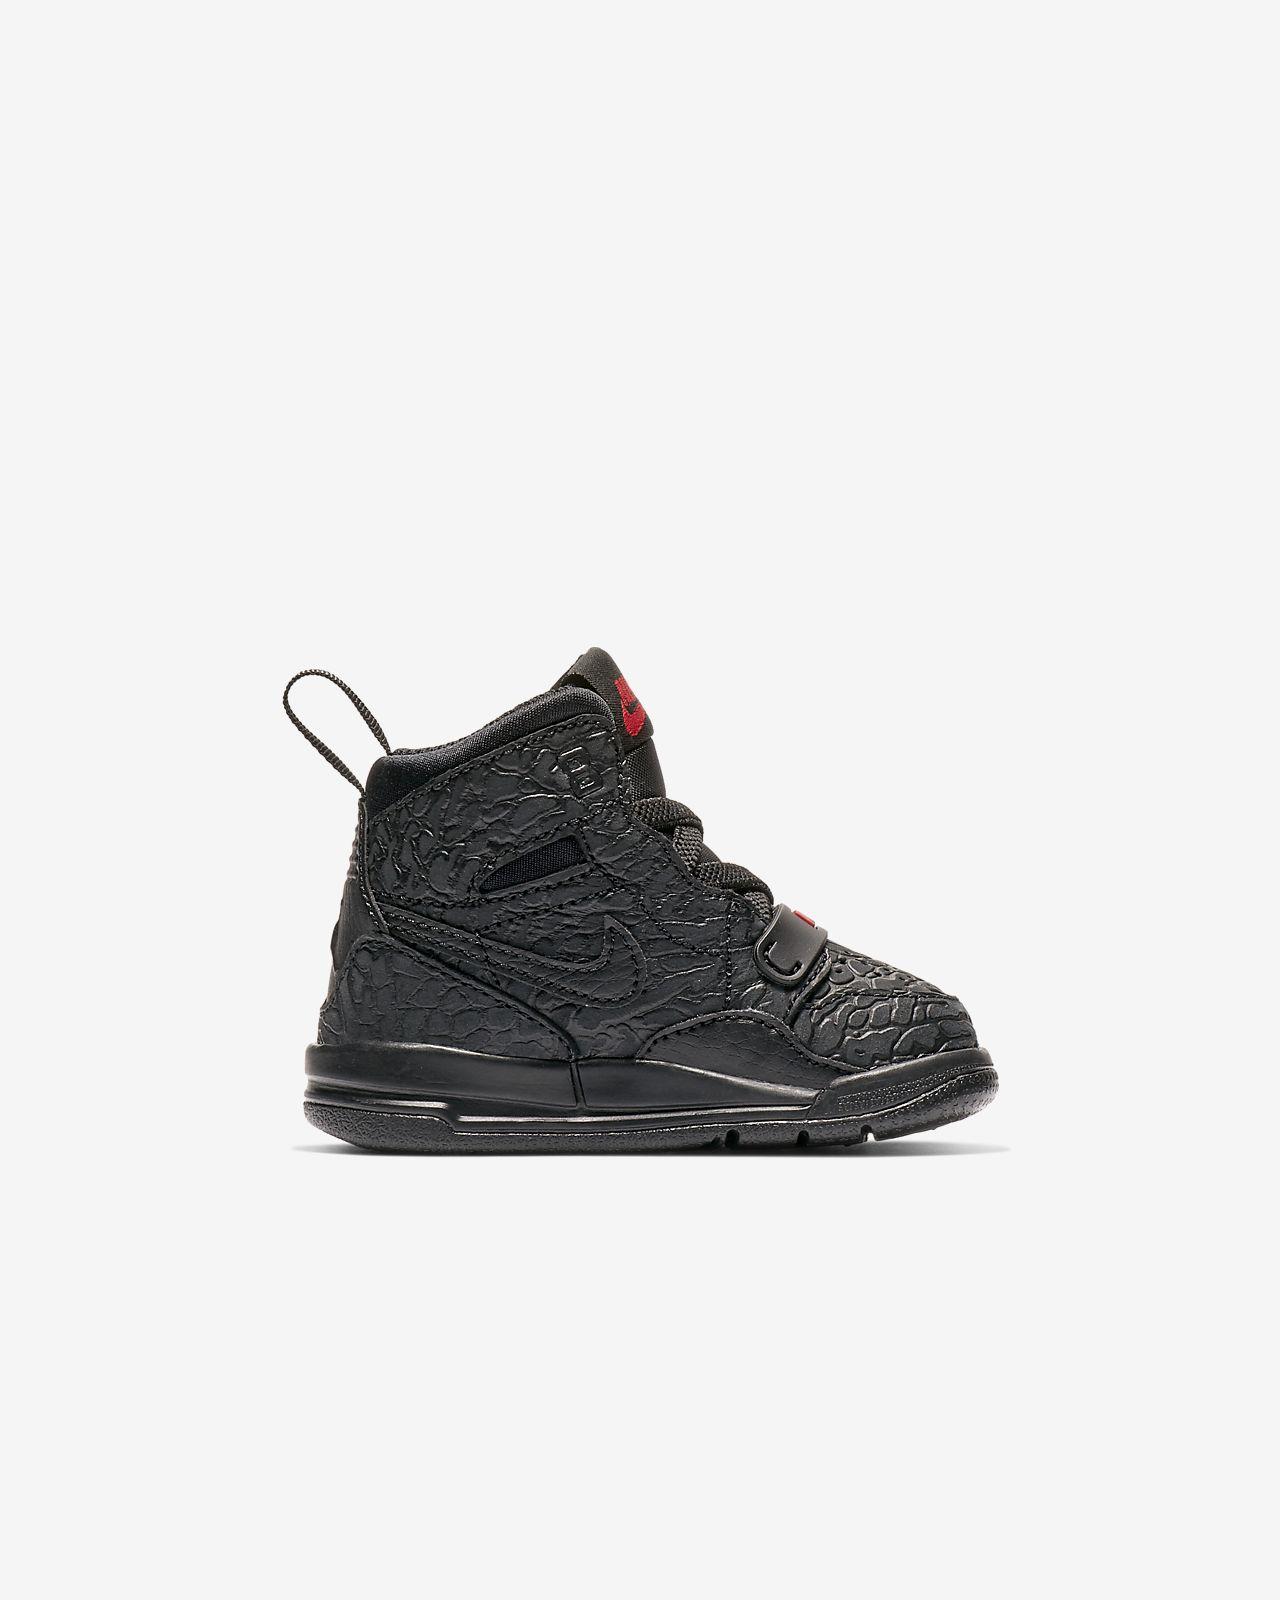 detailed look b1308 9ee8d Air Jordan Legacy 312 Baby & Toddler Shoe